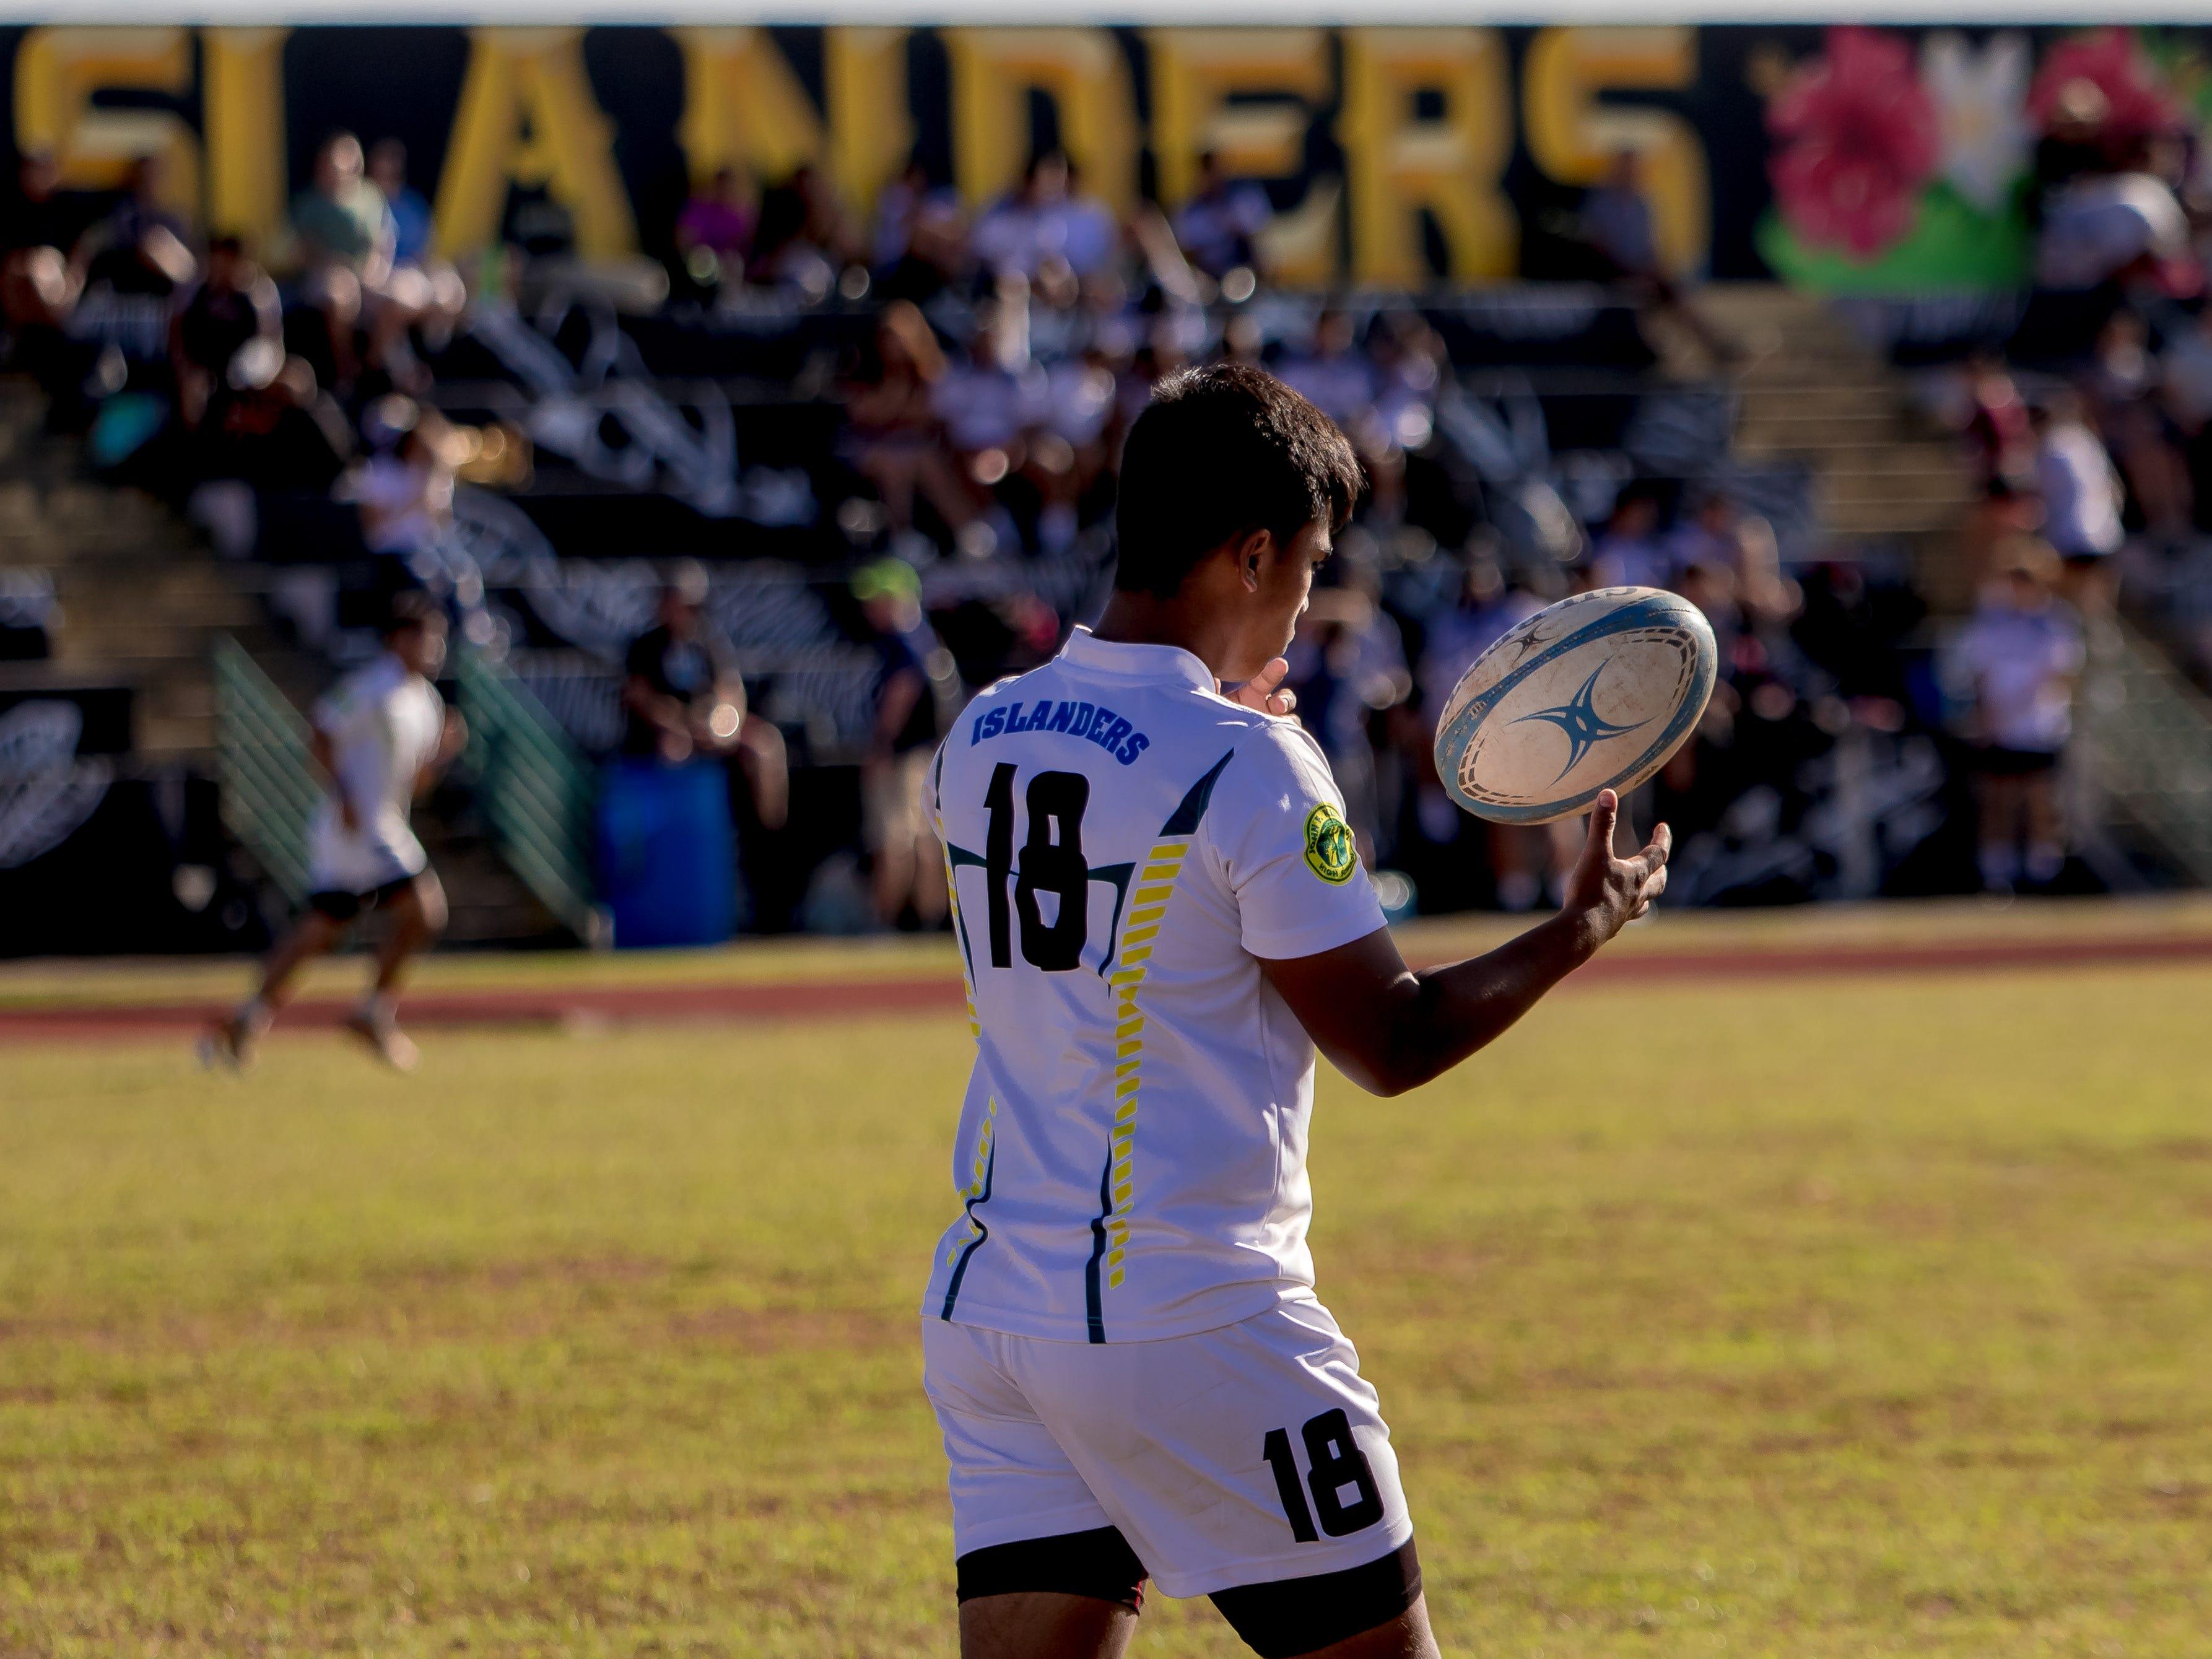 John F. Kennedy High played Okkodo High in an IIAAG/GRFU Boys Rugby match at Ramsey Field on March 6.